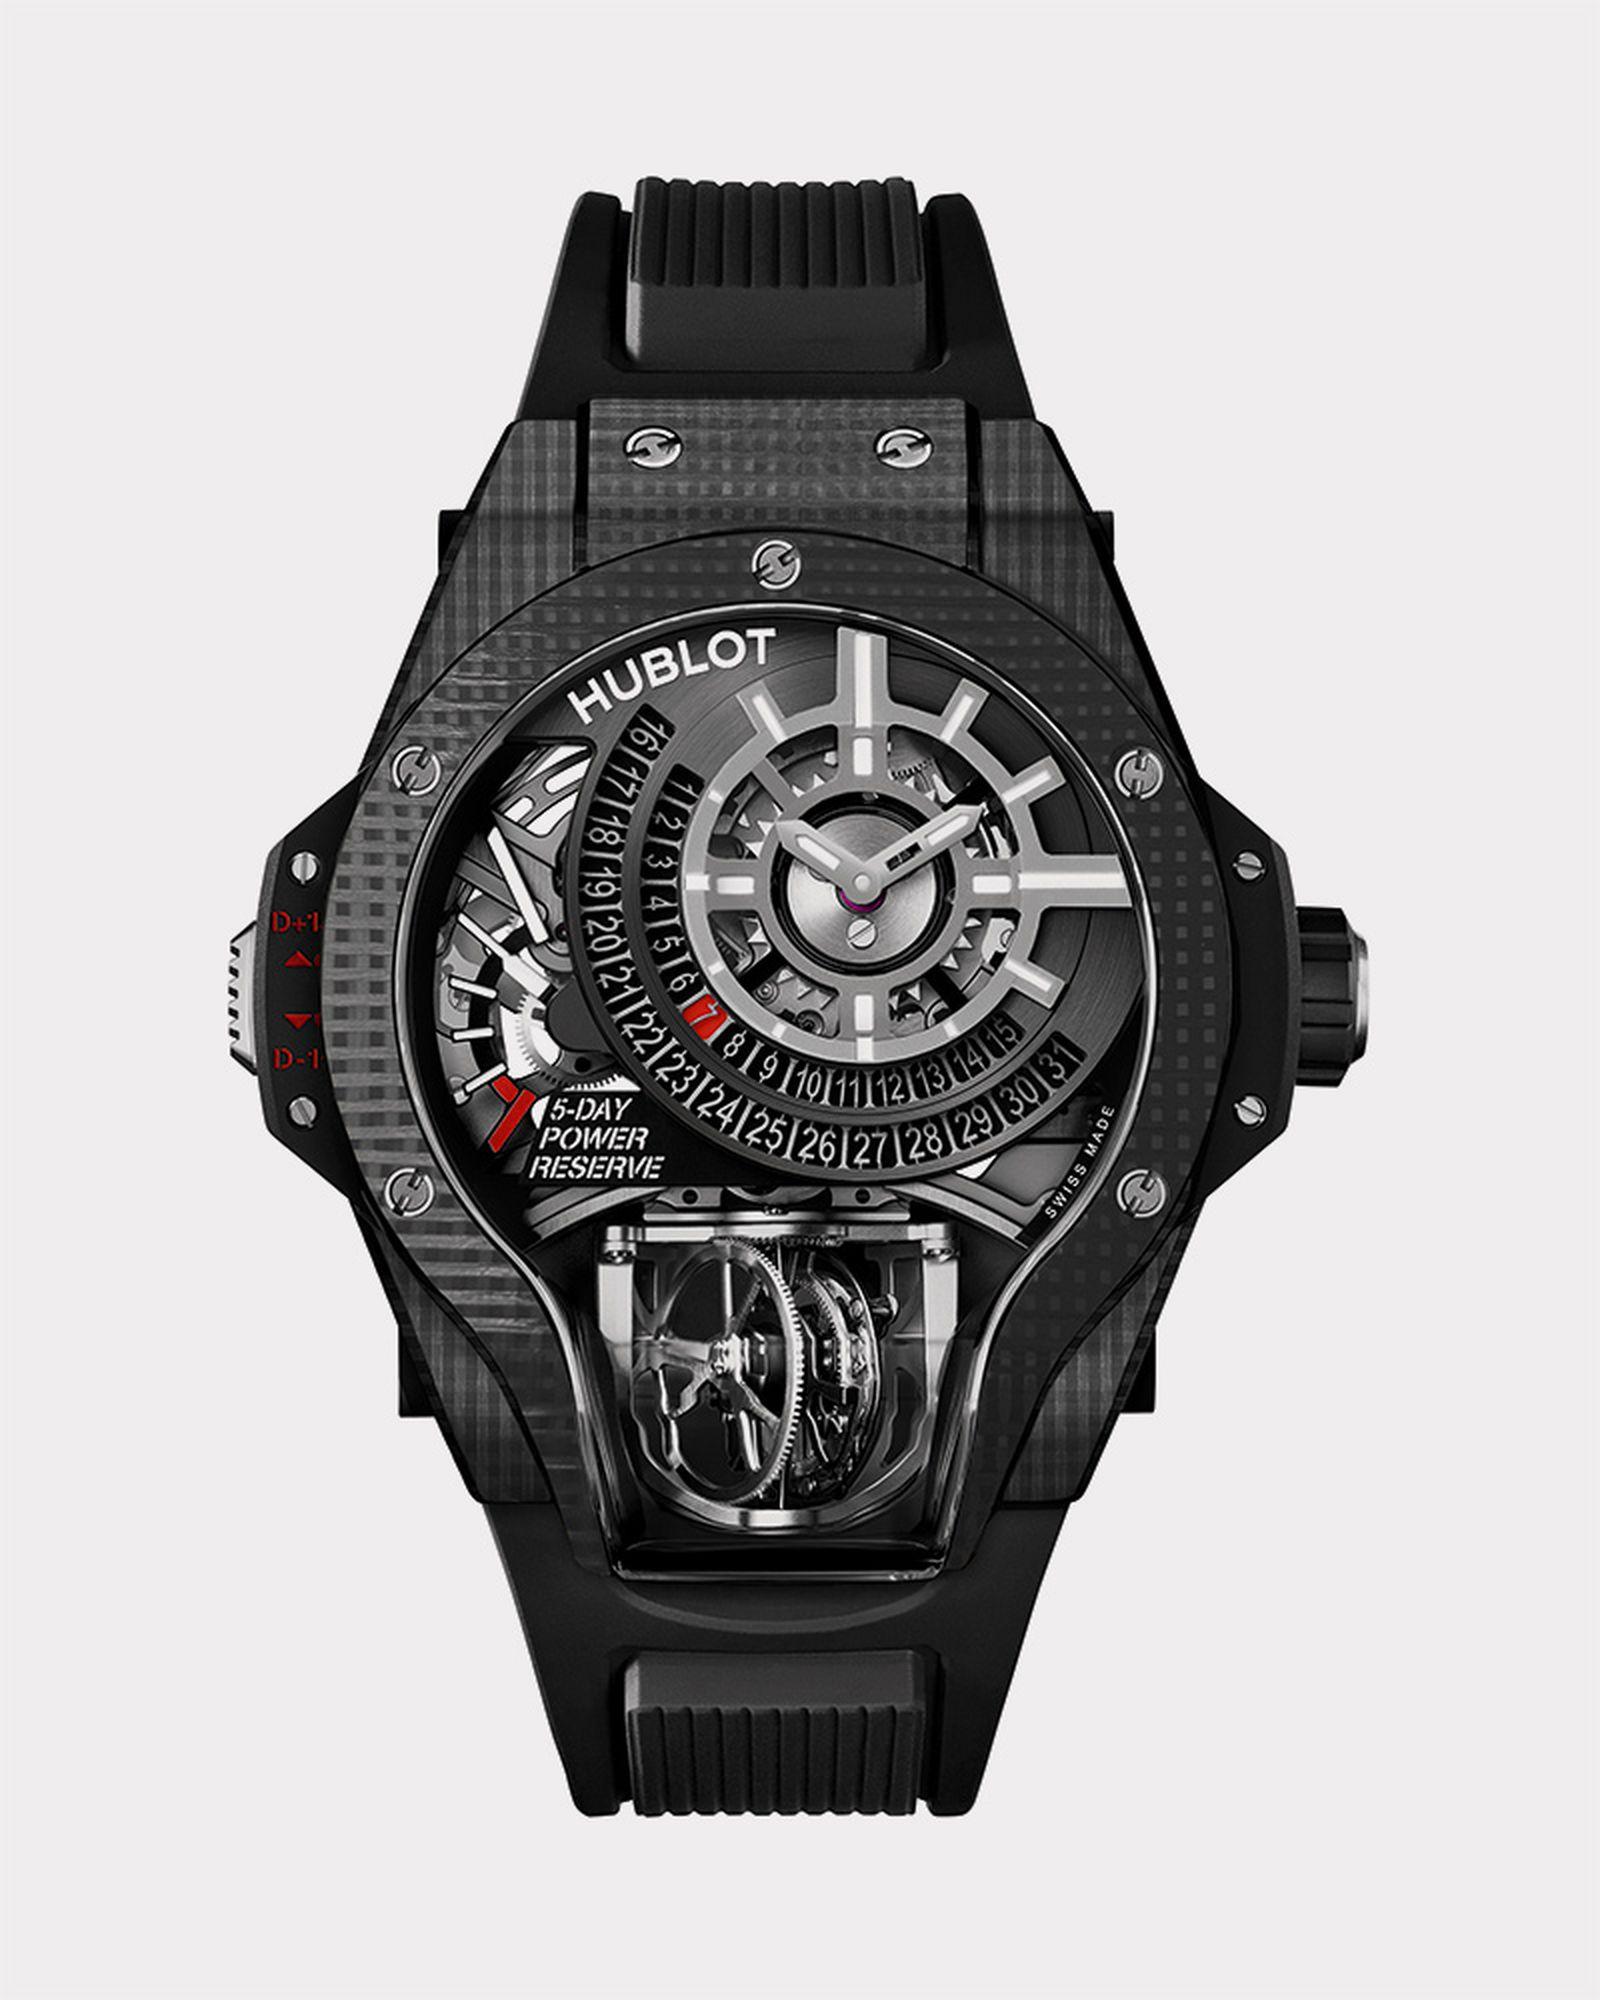 Hublot MP-09 Tourbillon Bi-Axis 3D Carbon watch. Limited edition 50 pieces. $190,000.